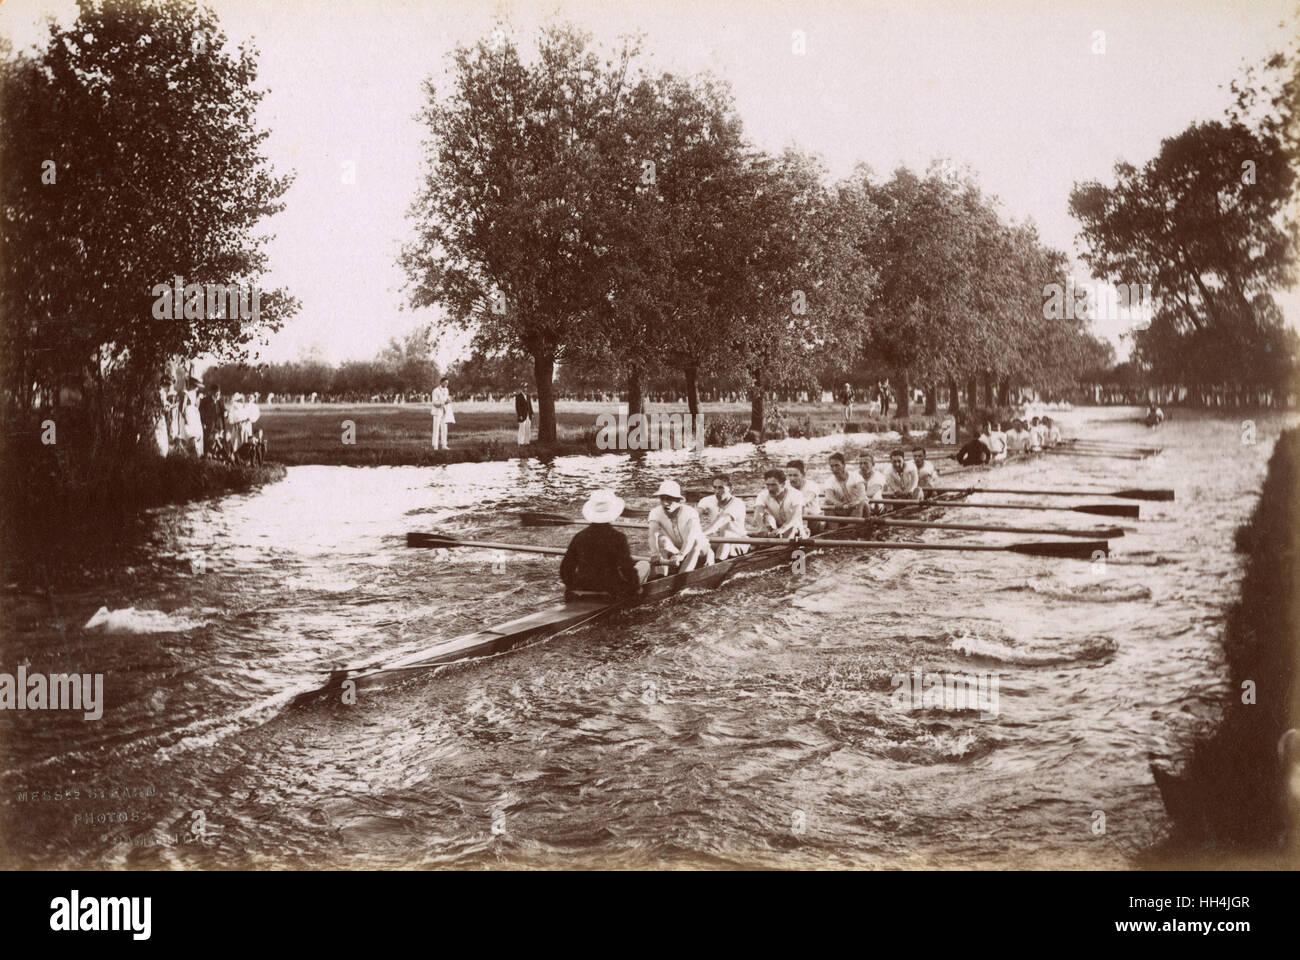 Un equipaggio di canottaggio sul fiume Cam. Immagini Stock